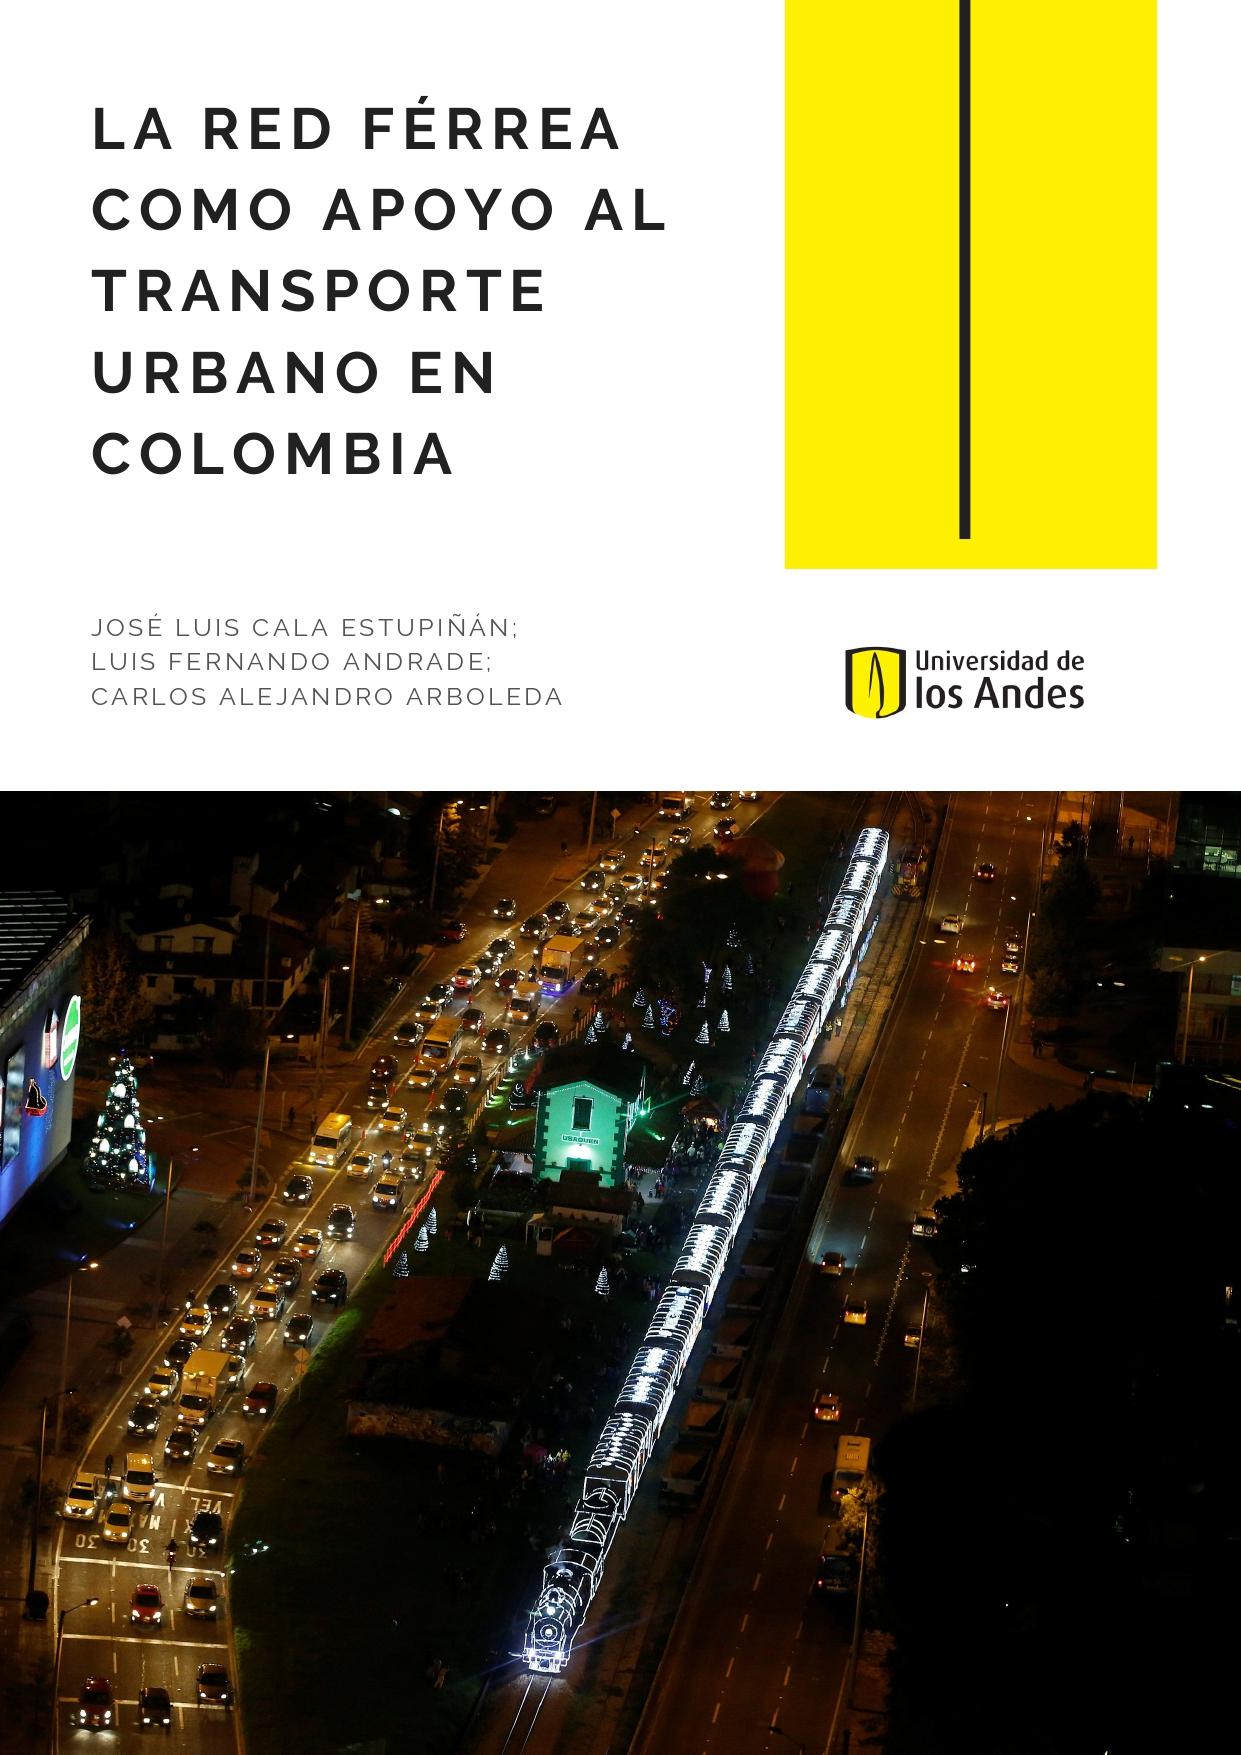 La red férrea como apoyo al transporte urbano en Colombia